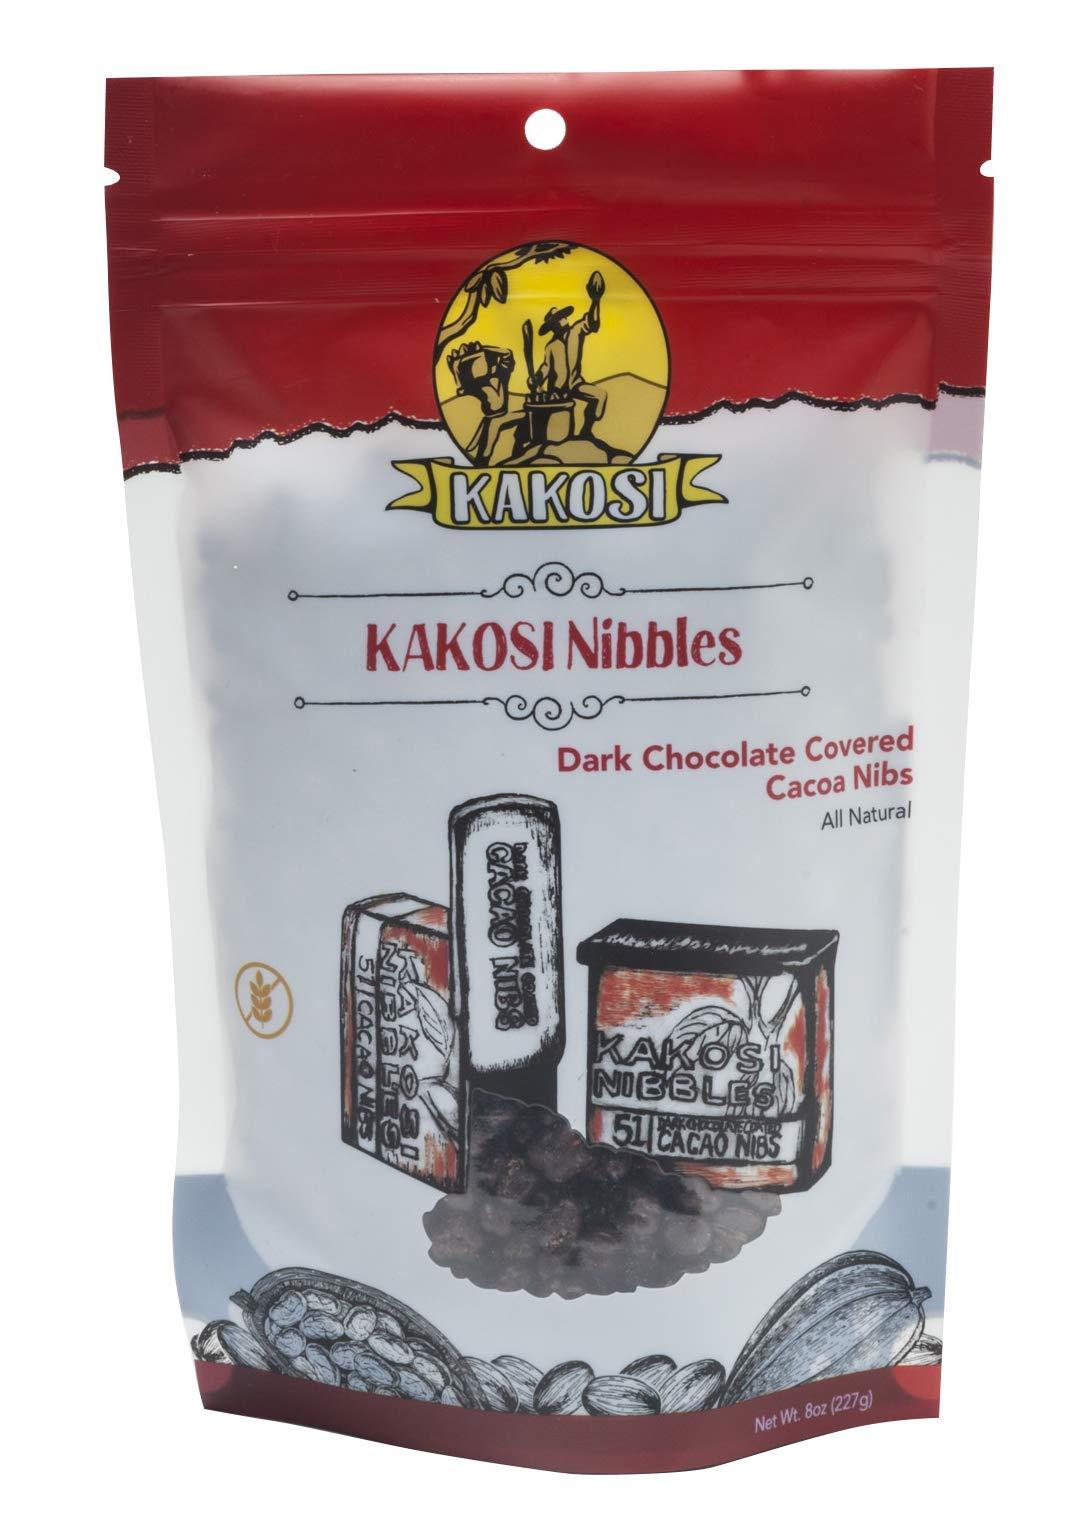 KAKOSI - Dark Chocolate-Covered Cacao Nibs - 8oz Bag